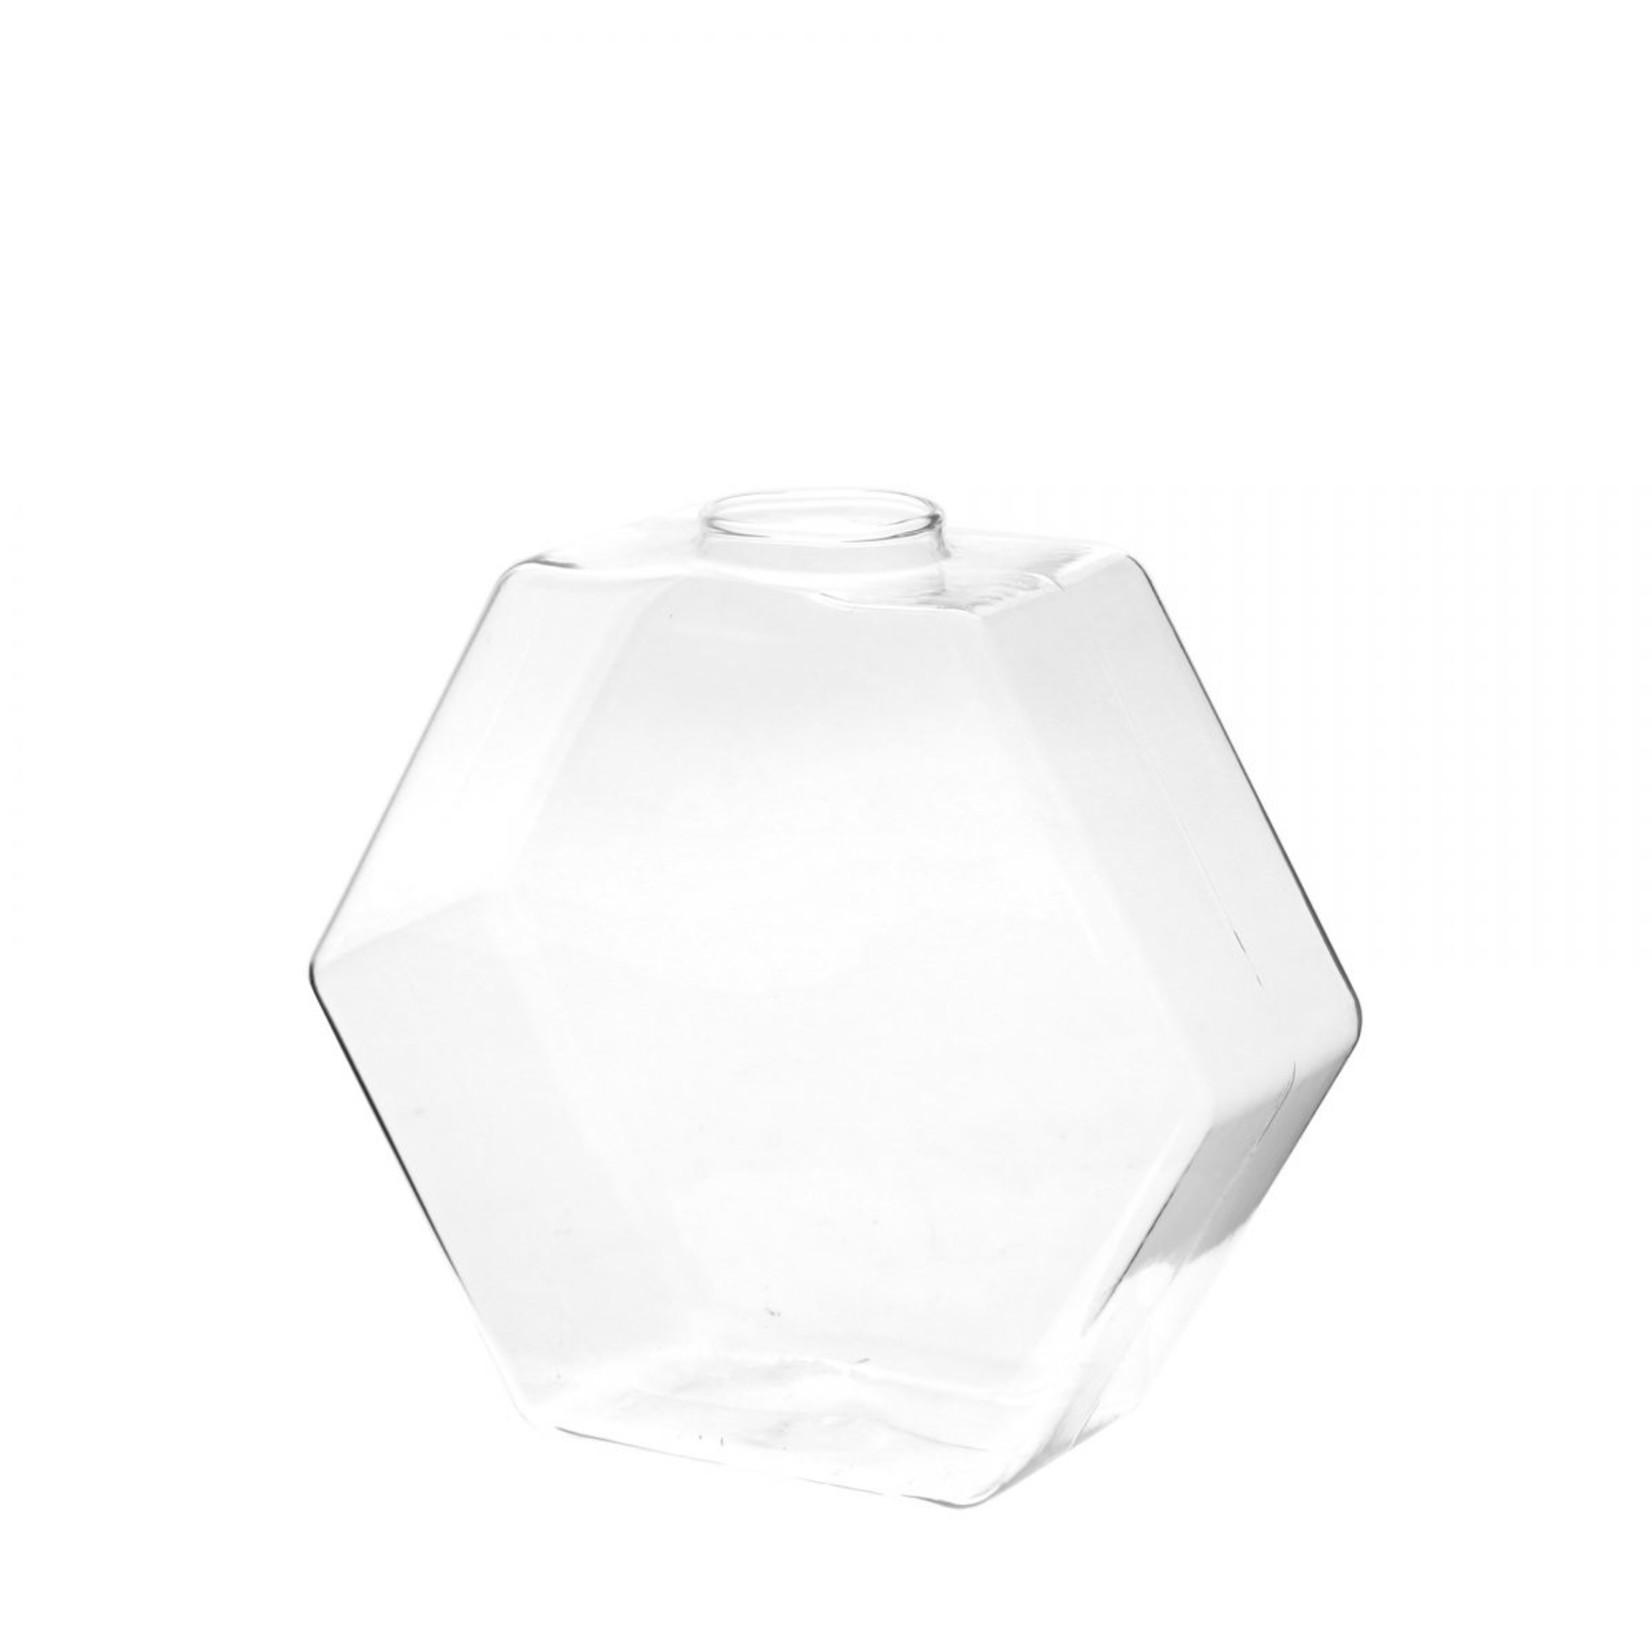 Storefactory  Hexagon Voxtorp Vasen